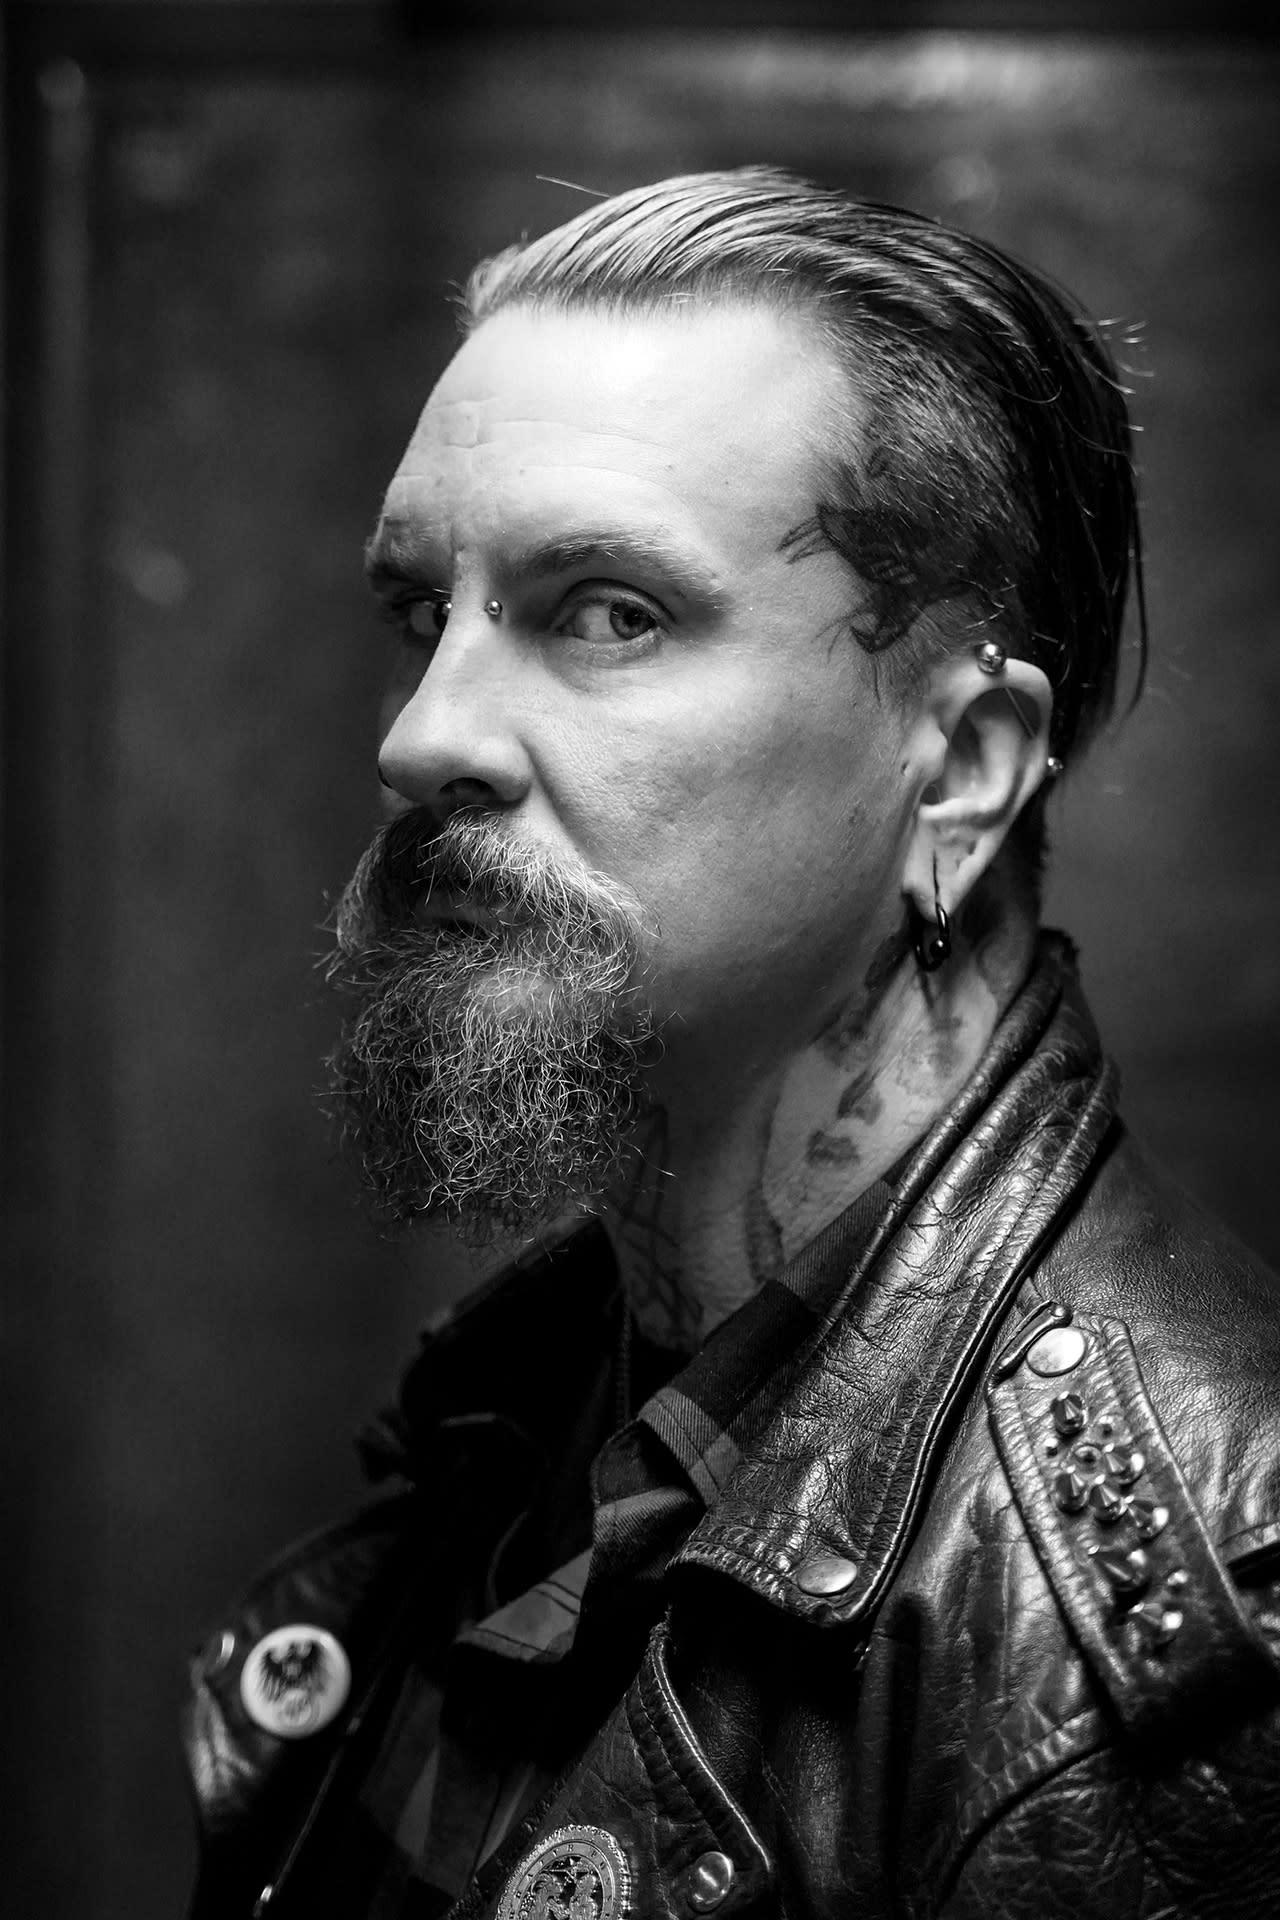 Tuomas Rytkönen, Horna, black metal